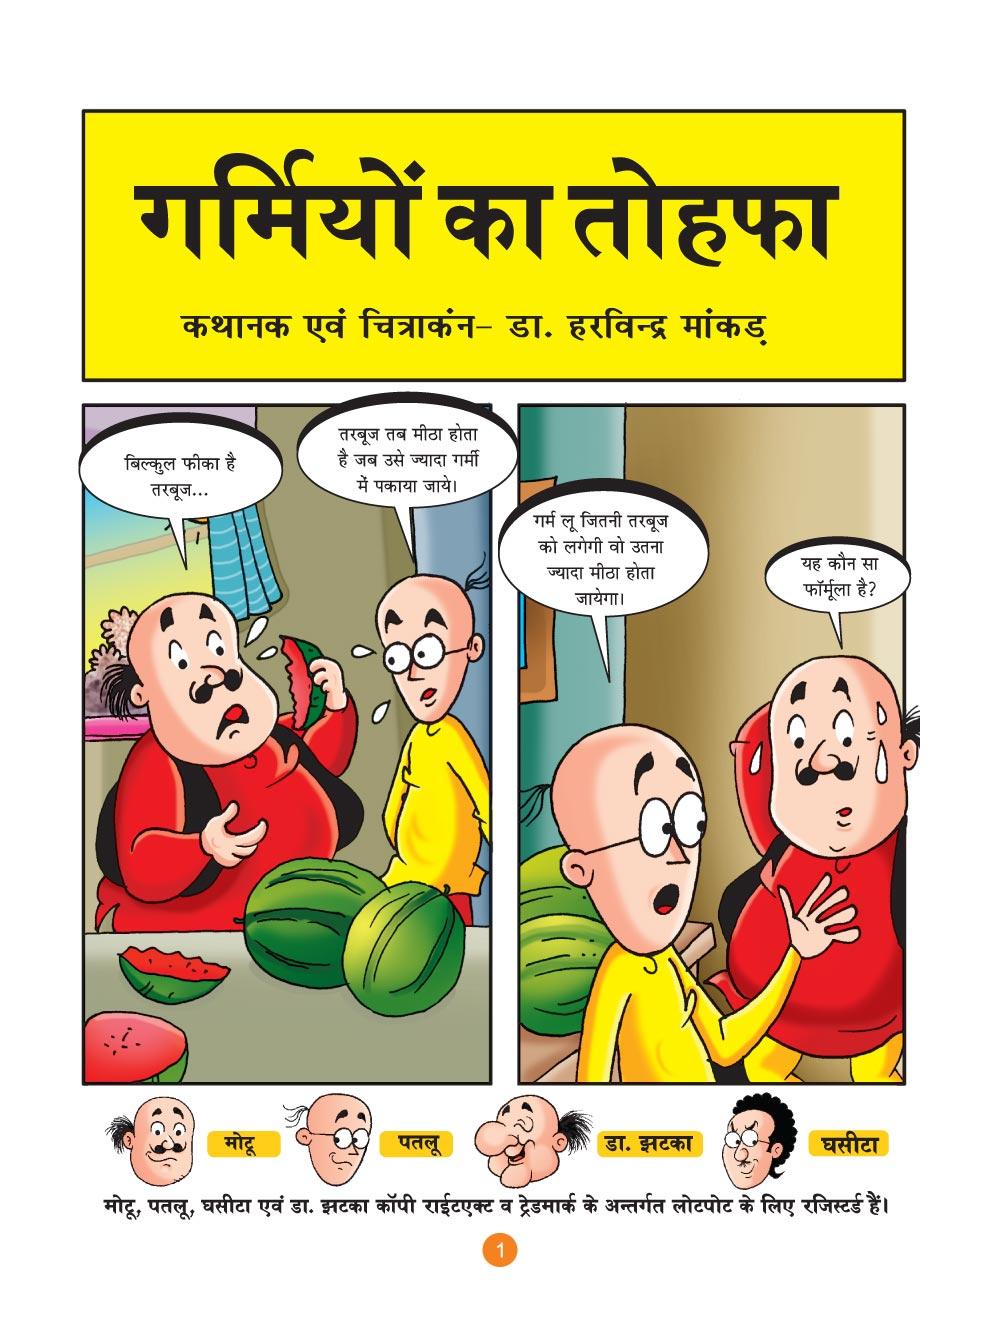 मोटू पतलू की कॉमिक्स- (Motu Patlu Ki Comics) गर्मियों का तोहफा :